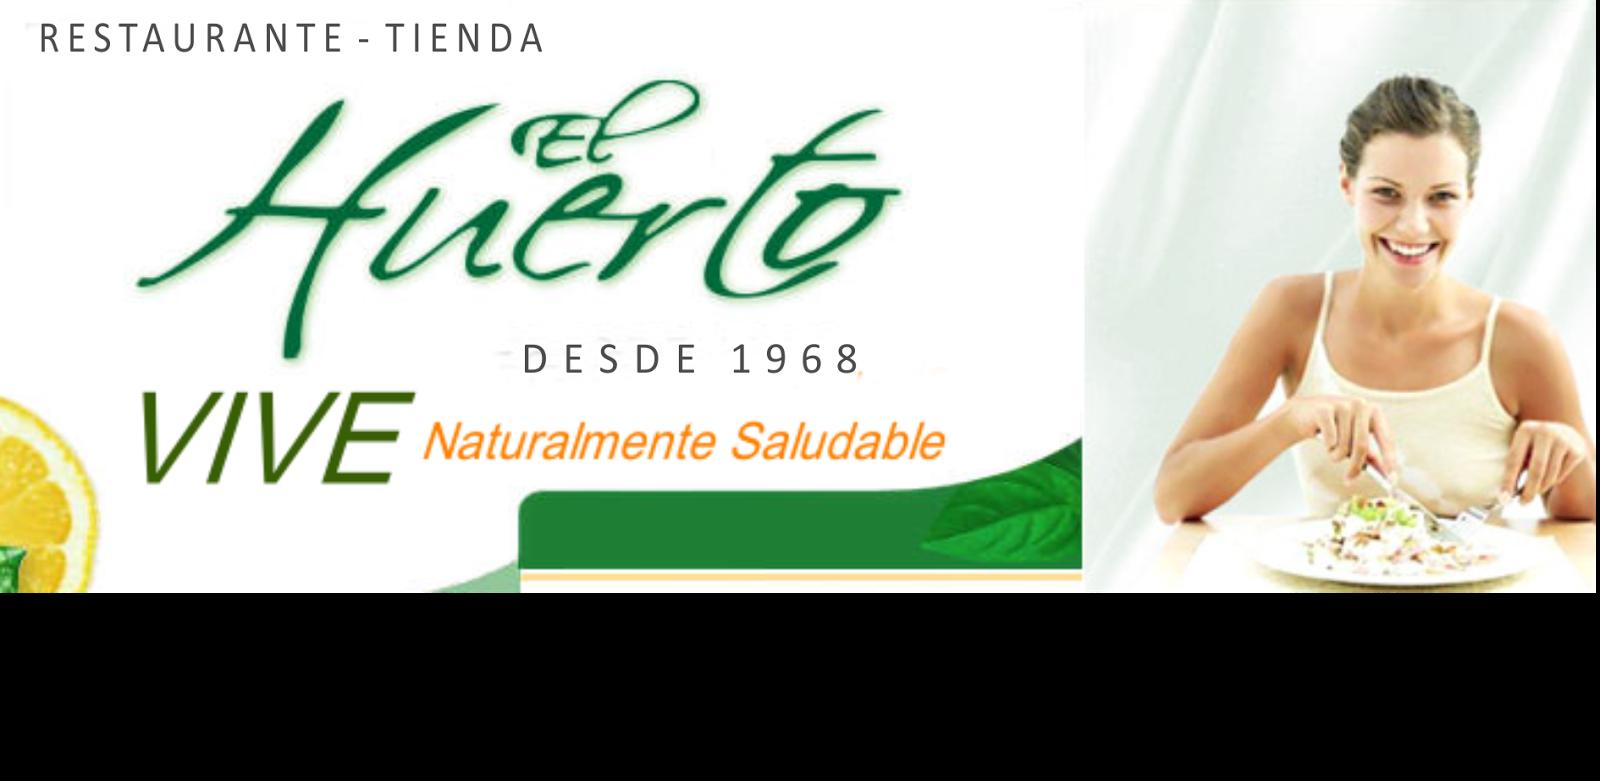 restaurante_vegetariano_el_huerto_Barranquilla_vamosenmovimiento.blogspot.com